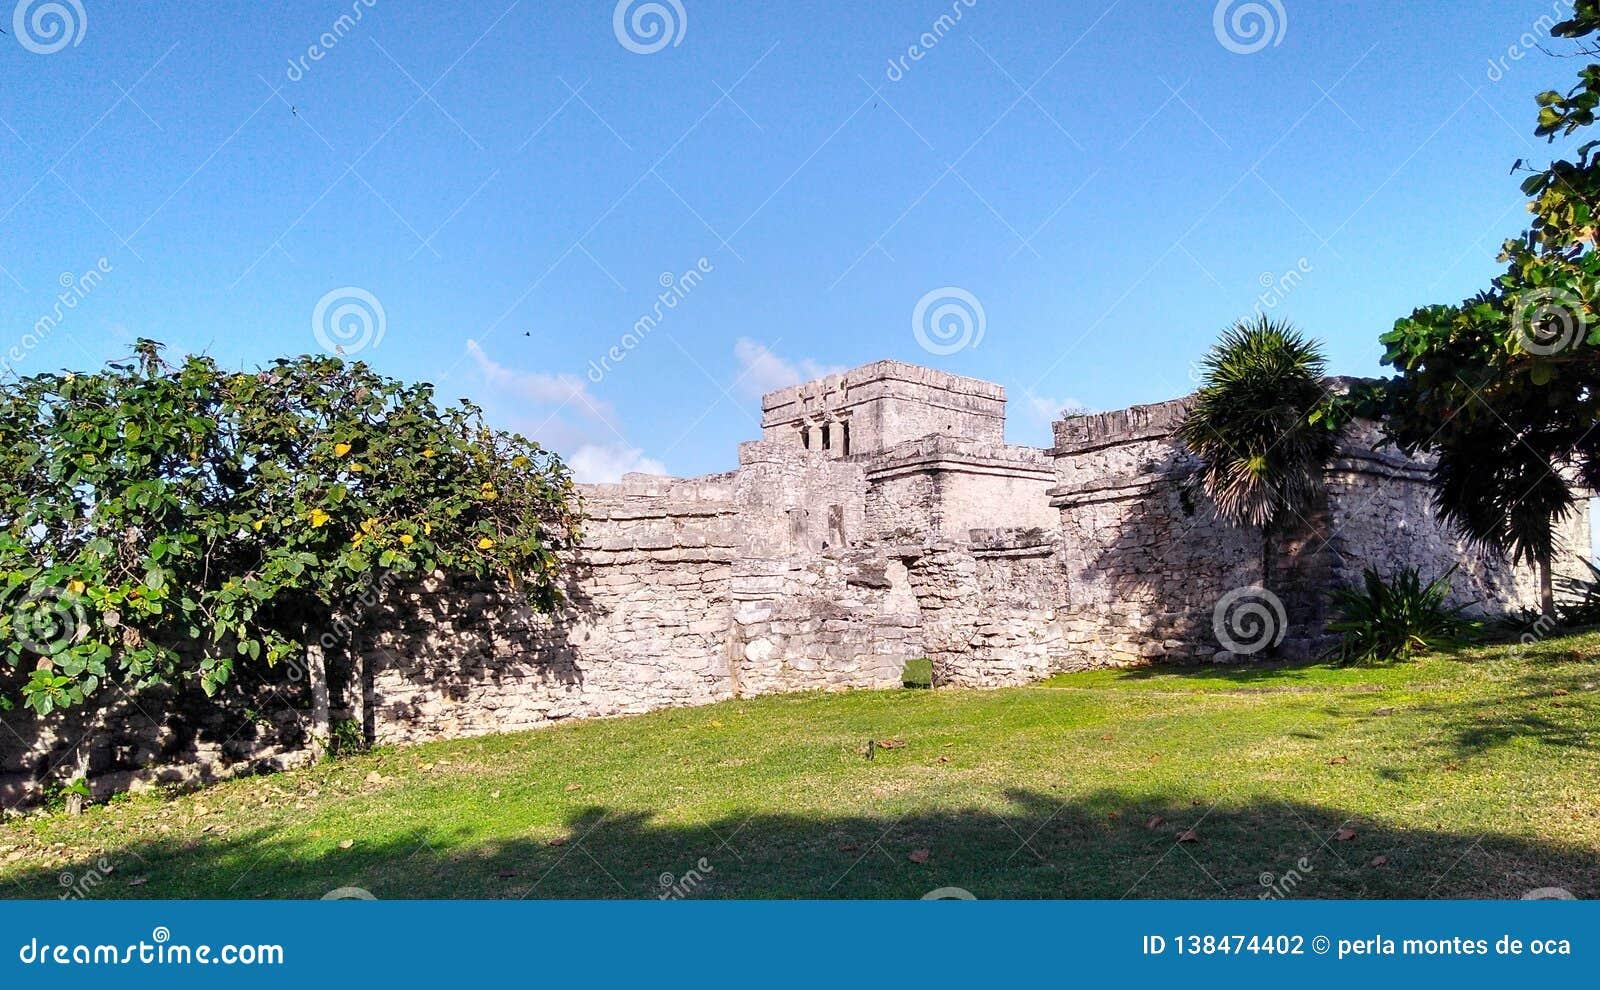 Mexico ruins Tulum